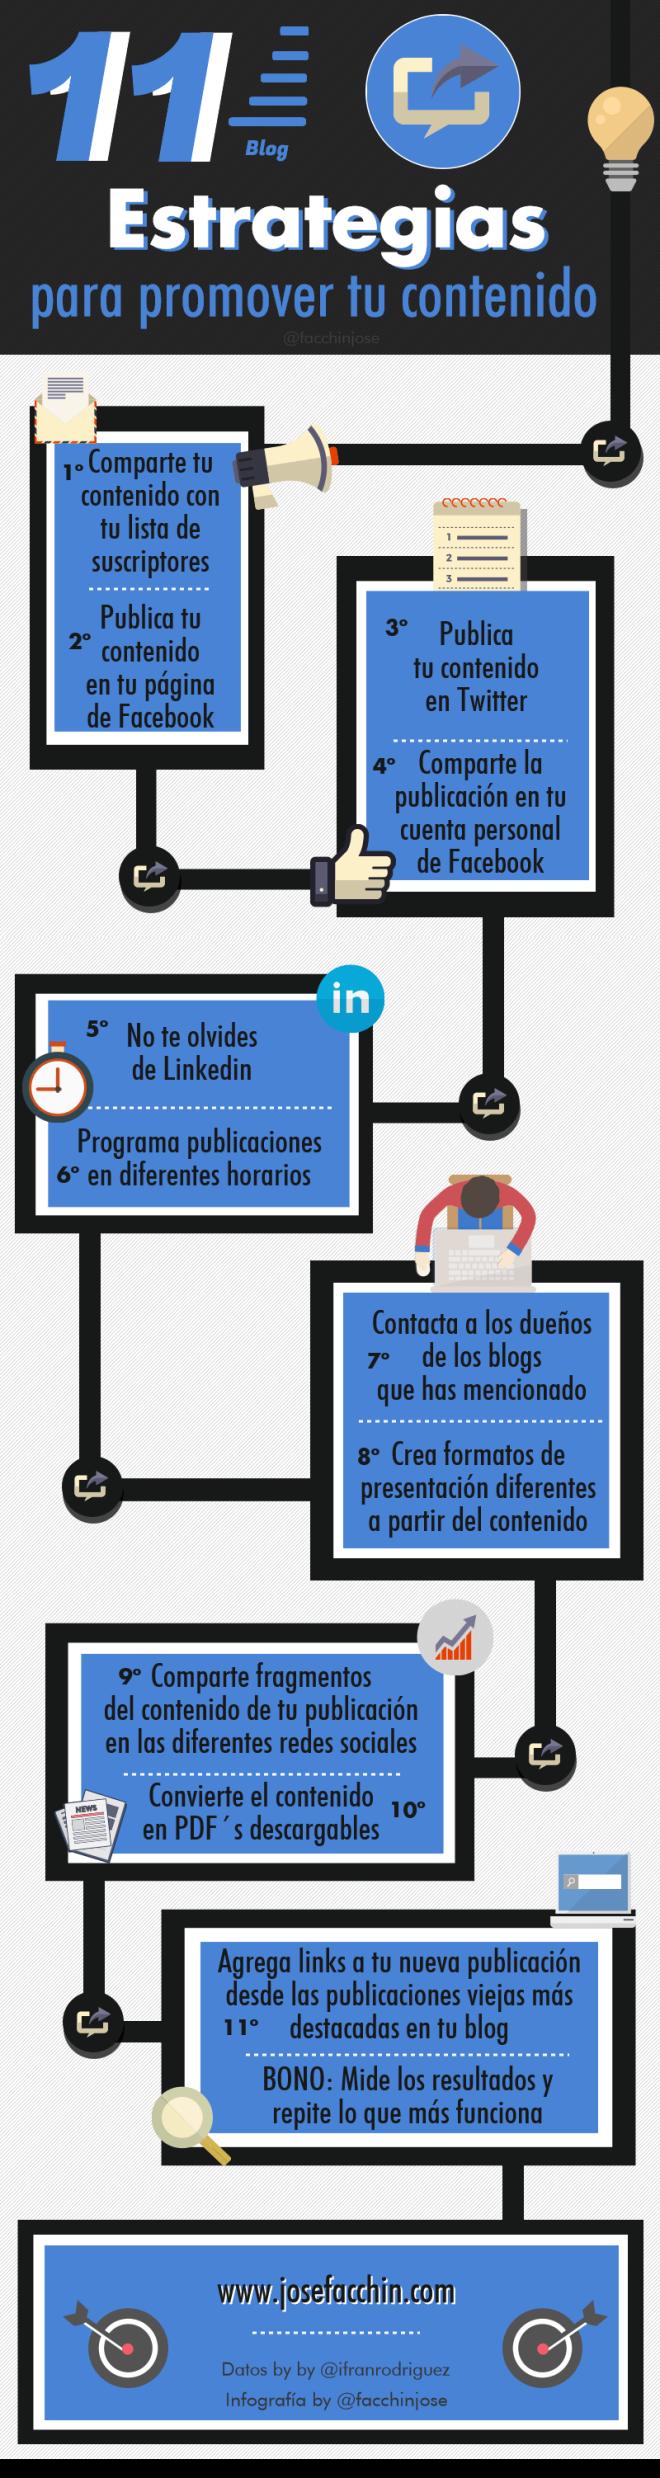 11 estrategias para promocionar el contenido de tu Blog